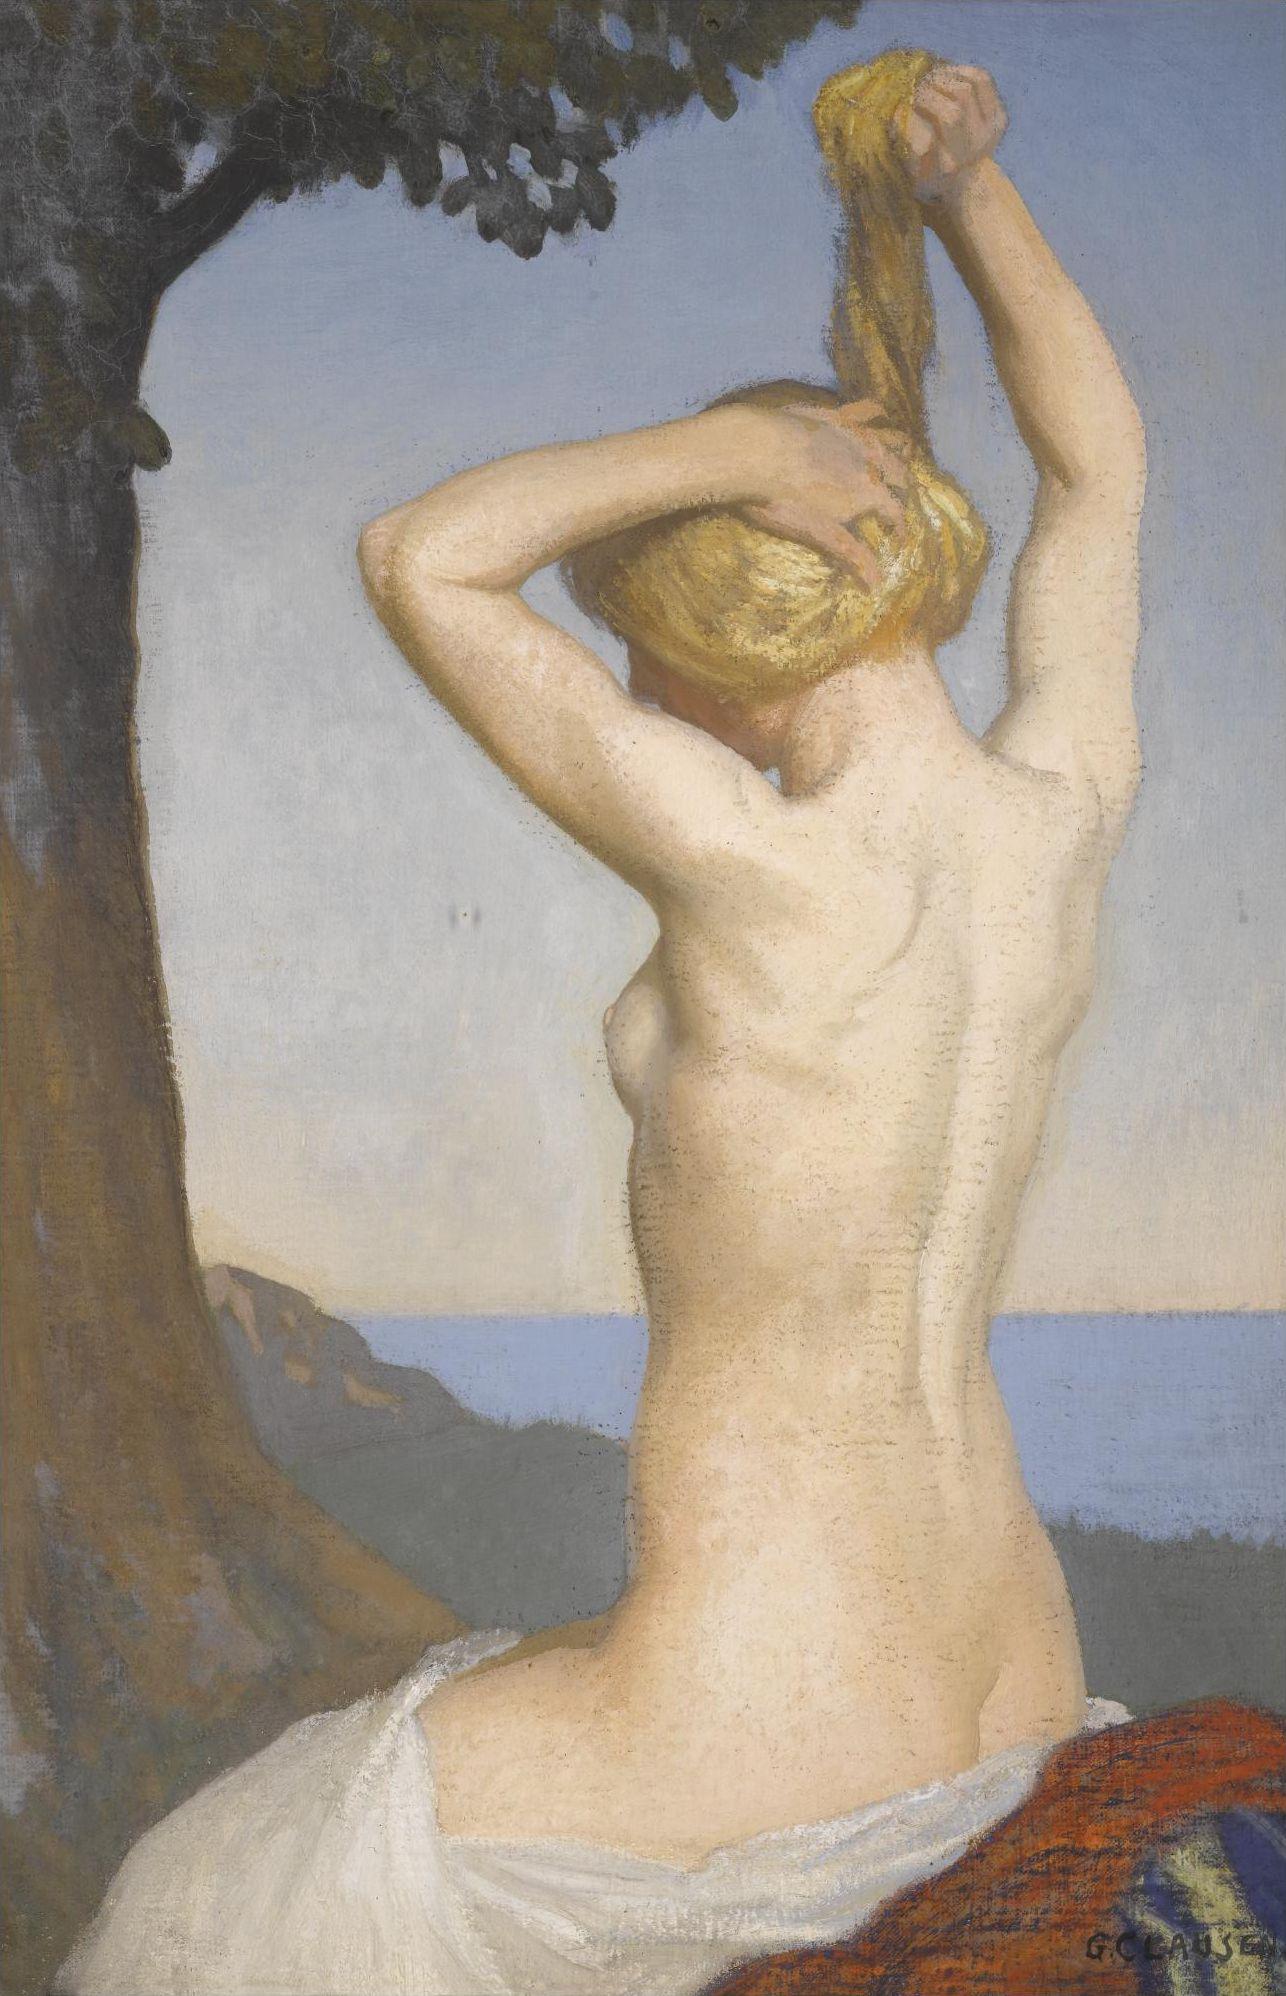 George Clausen, 1852-1944. Обнаженная. 50 х 34 см. Частная коллекция